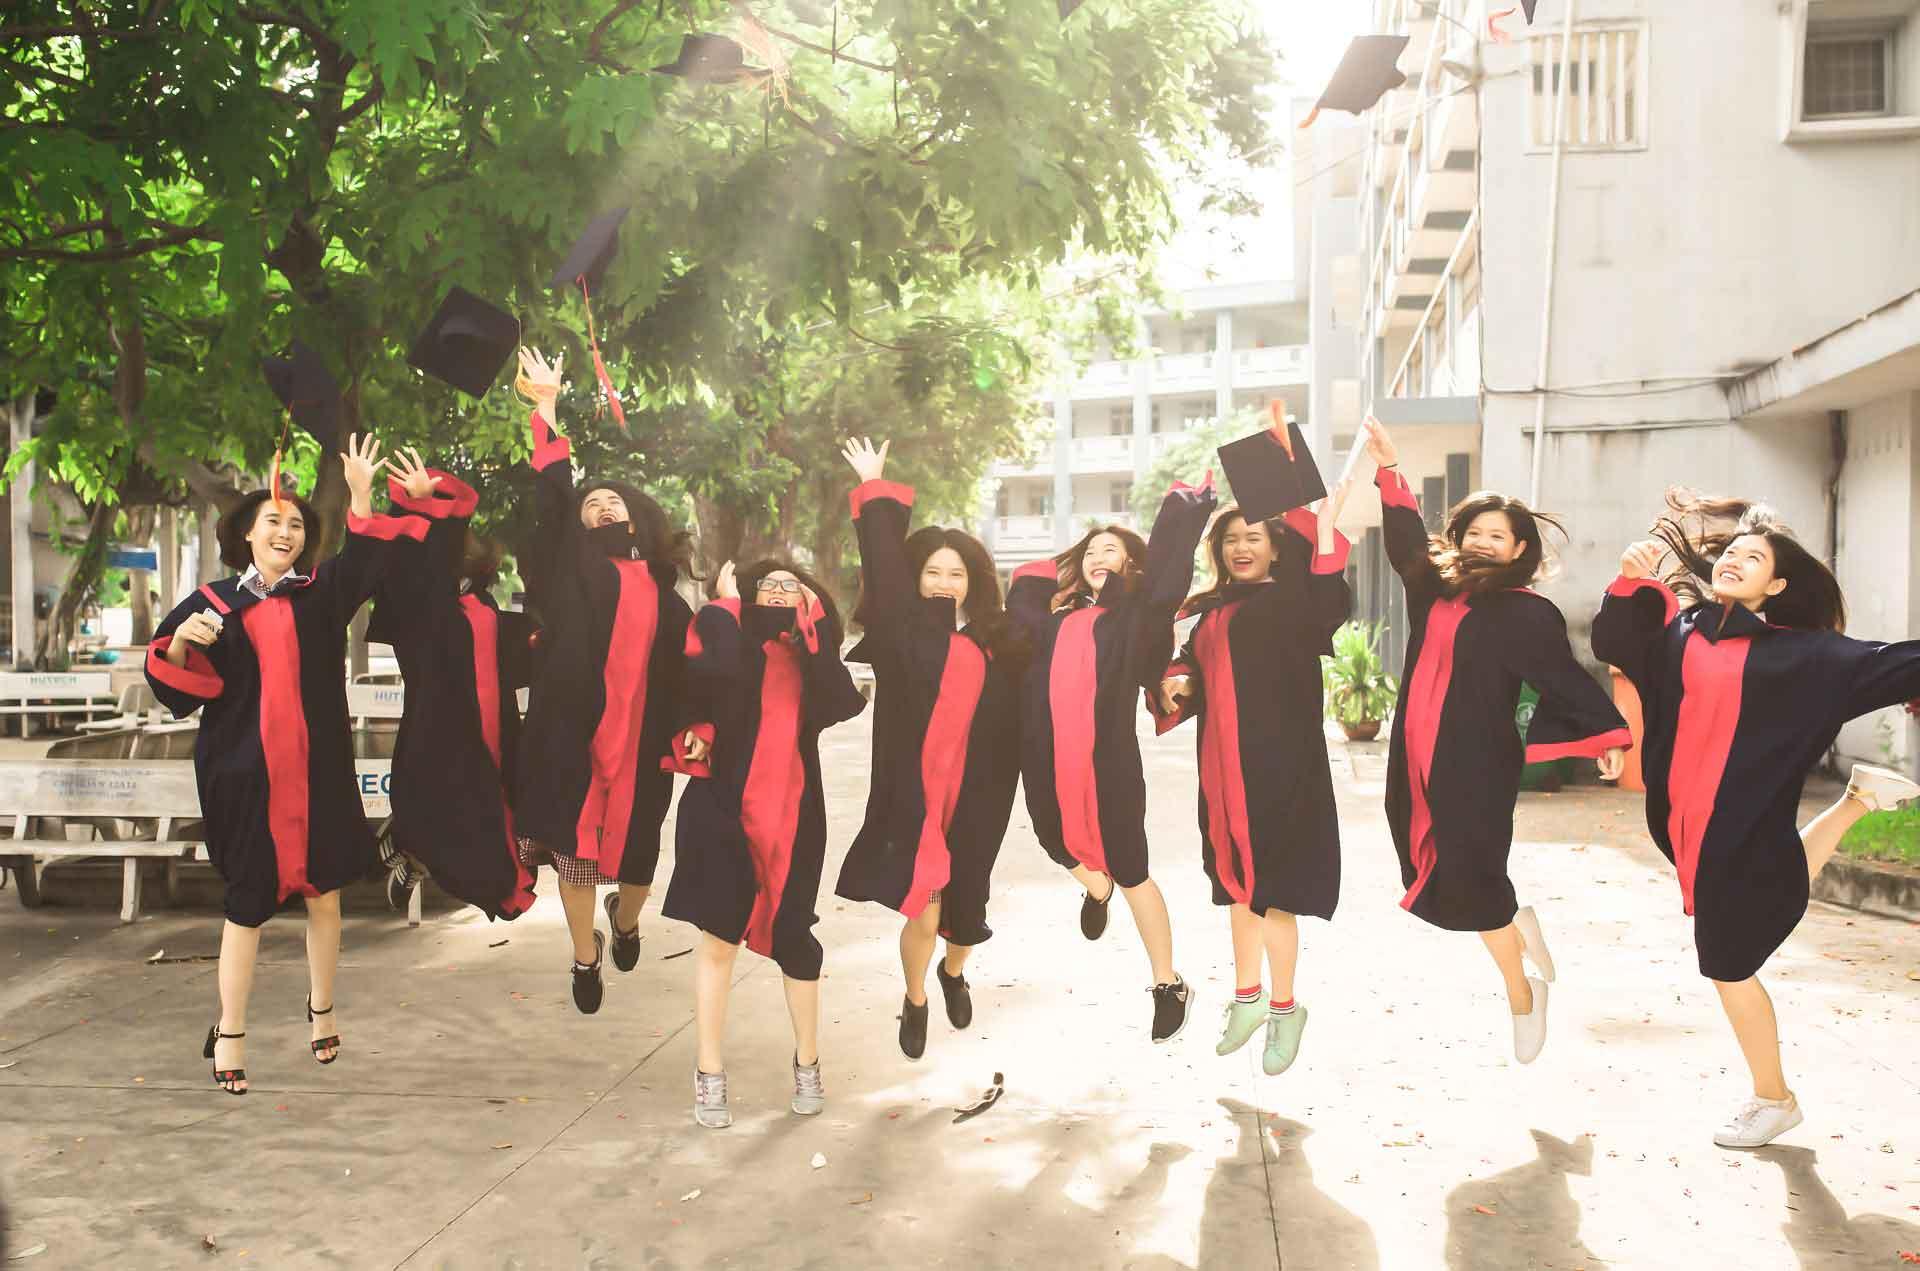 Graduates of Visayas universities